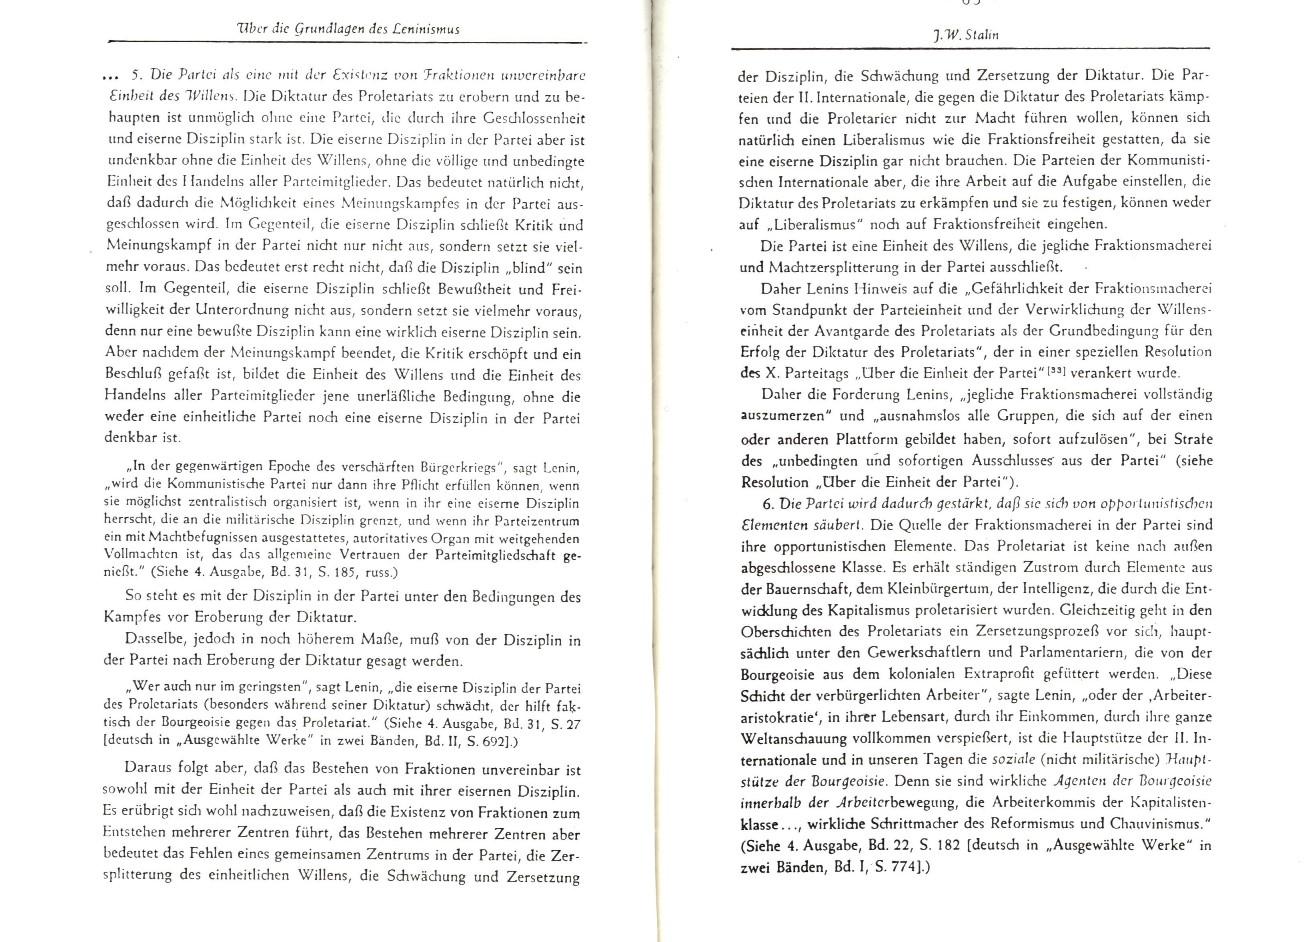 MLSK_Theorie_und_Praxis_des_ML_1979_25_32